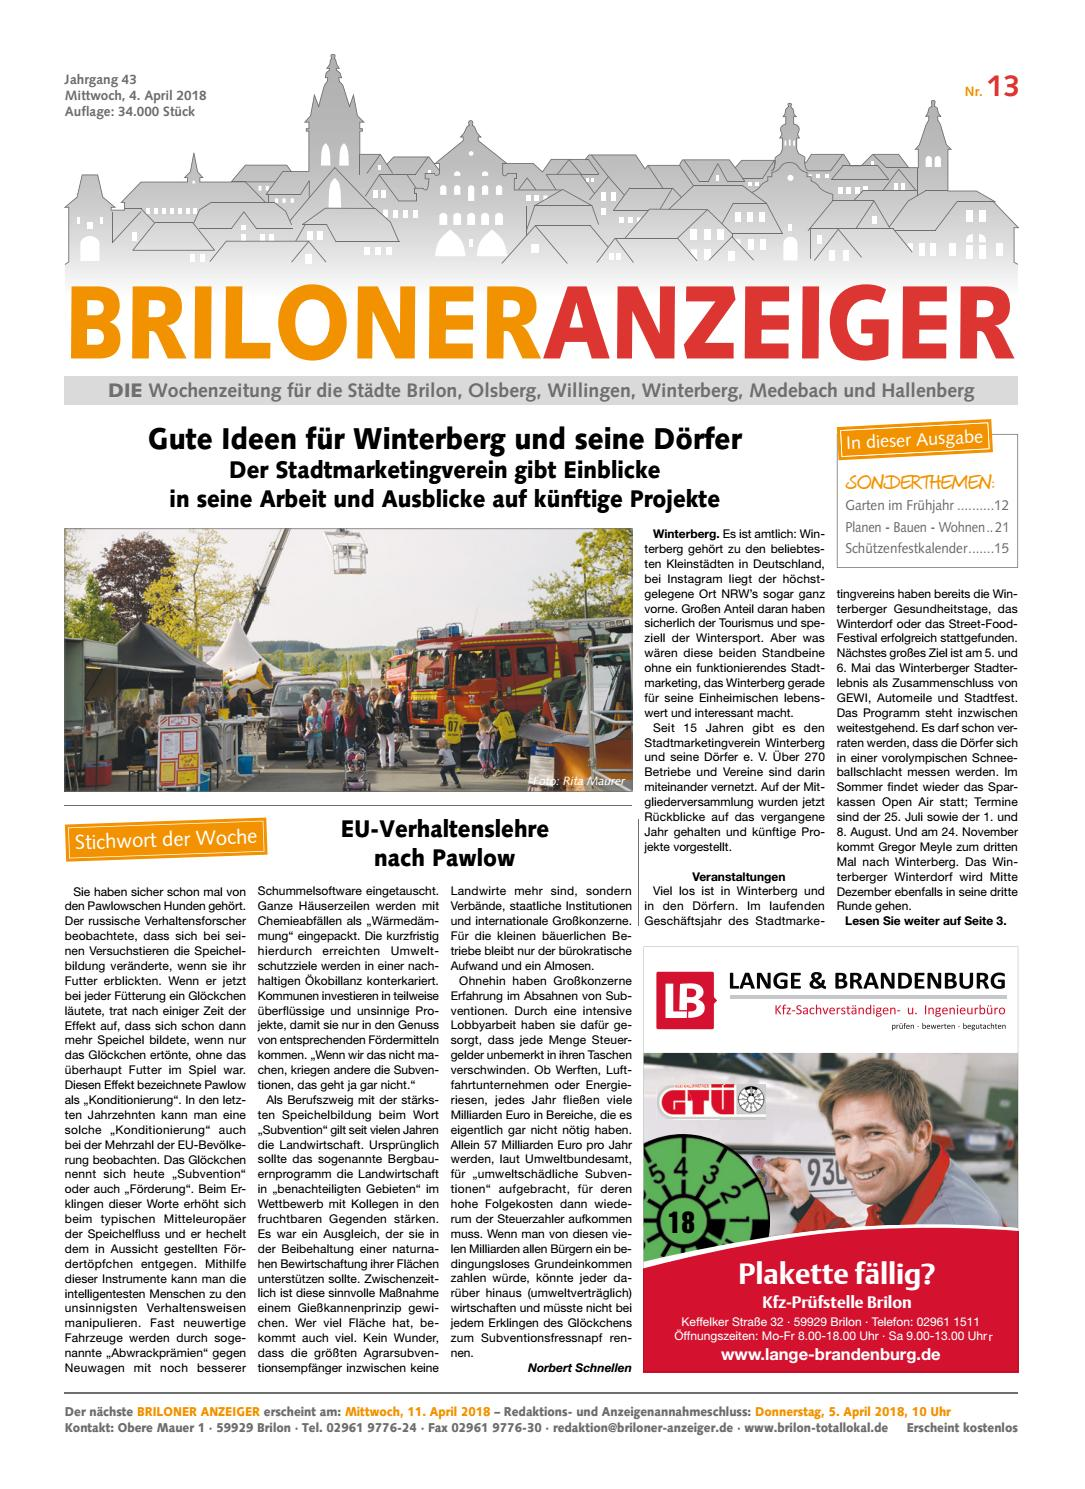 Briloner Anzeiger Ausgabe vom 04.04.2018 Nr.13 by Brilon-totallokal ...